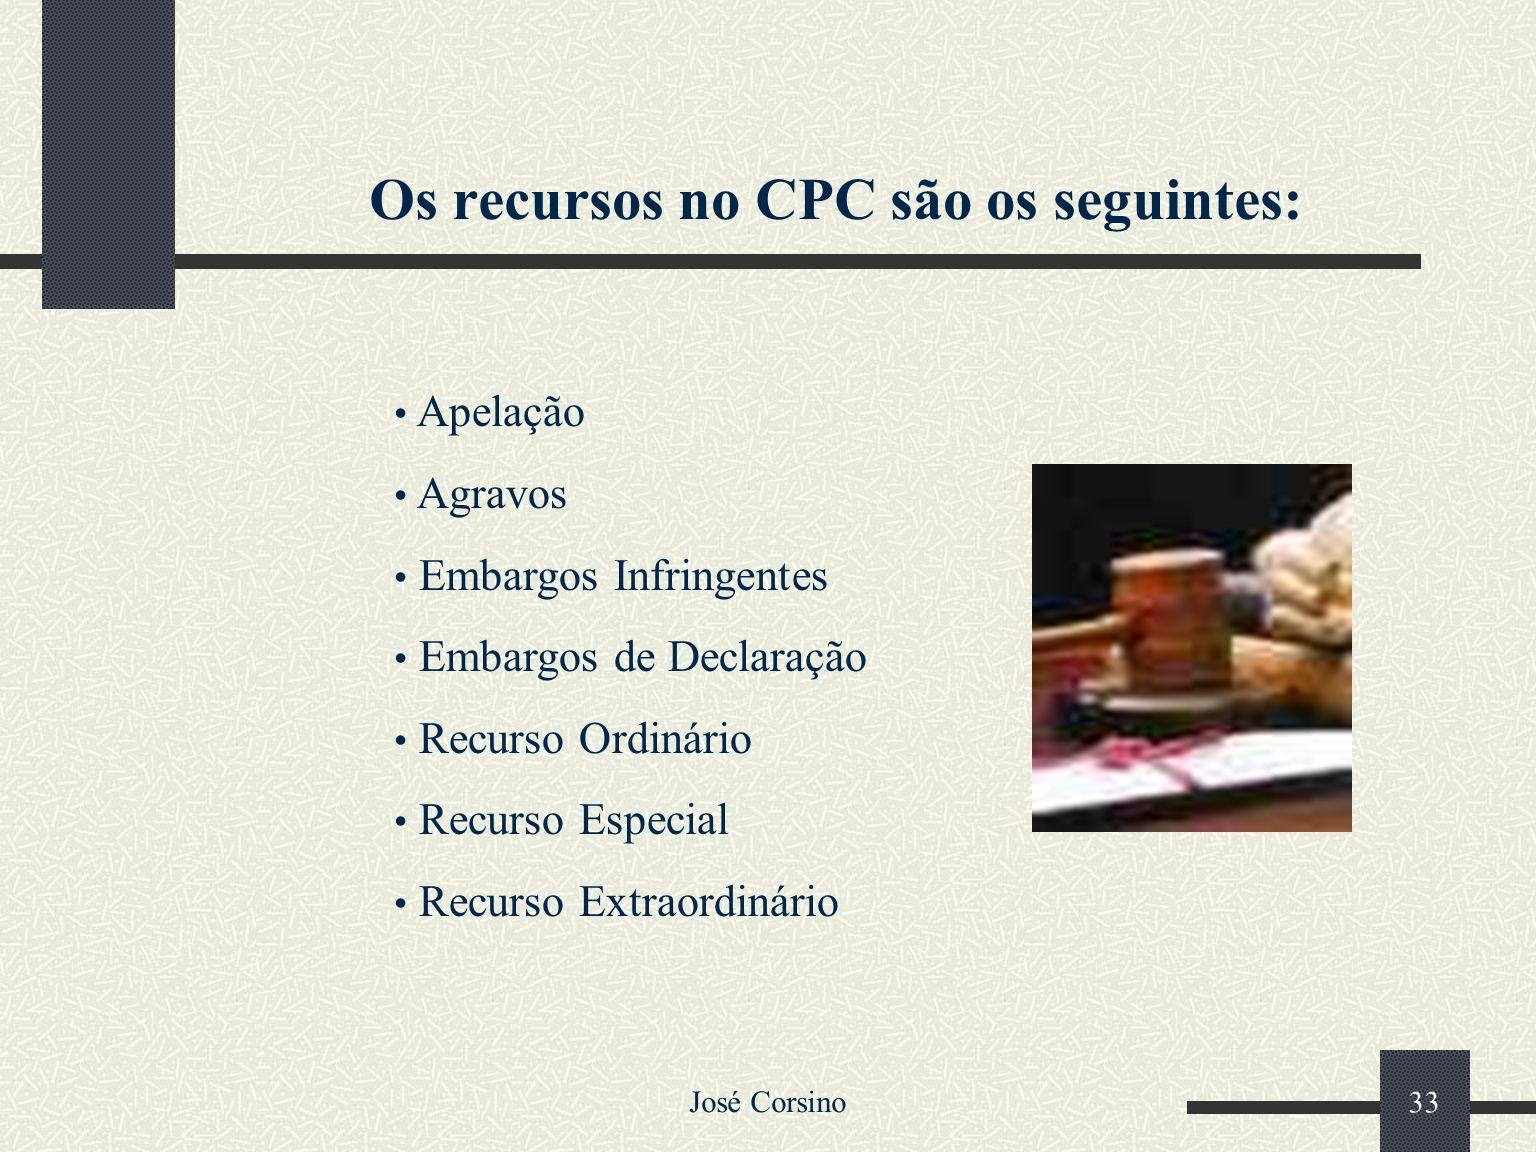 José Corsino 32 A insatisfação da parte sucumbida faz com que, achando-se injustiçada, se utilize do direito de recorrer da decisão, apelando para que